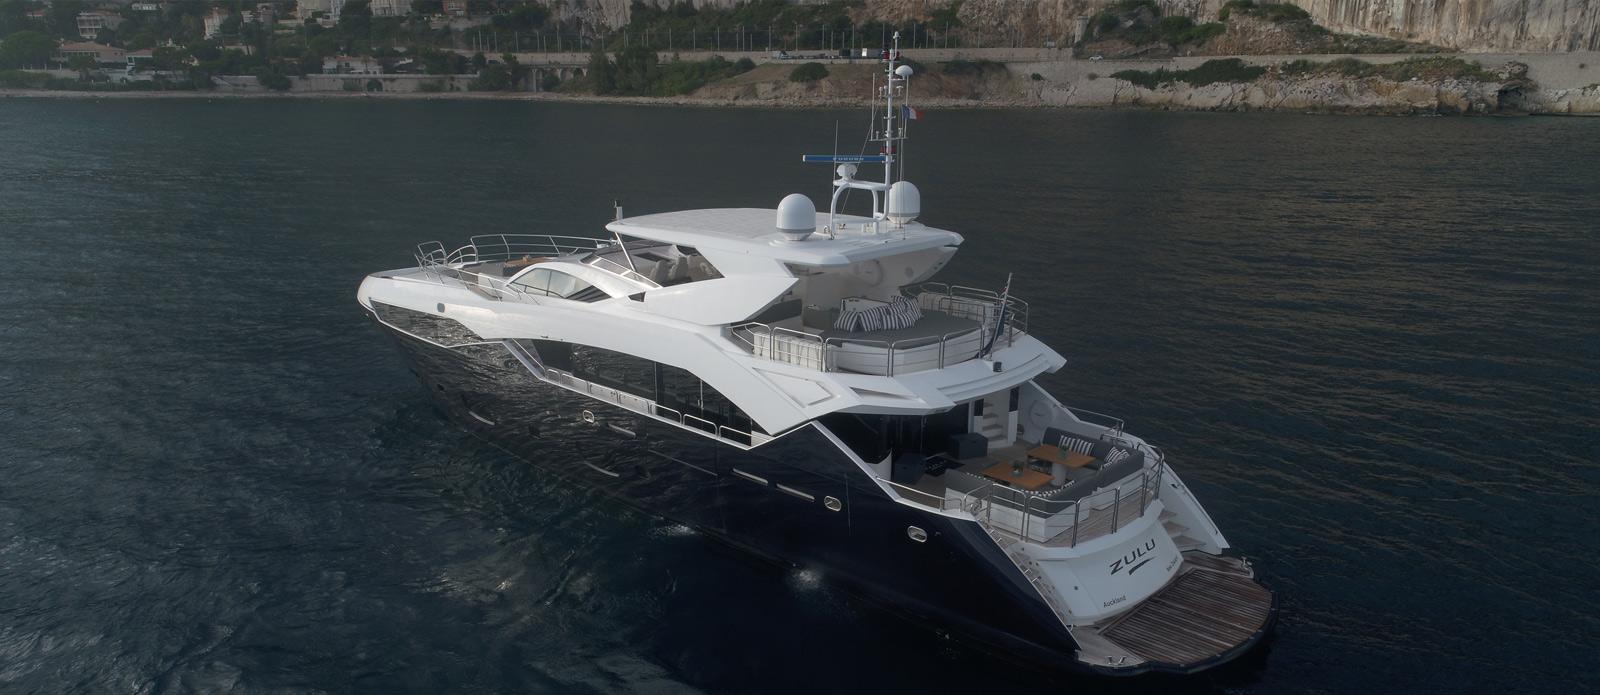 Sunseeker-115-Sport-Yacht-Zulu-Stern-Drone-Photo